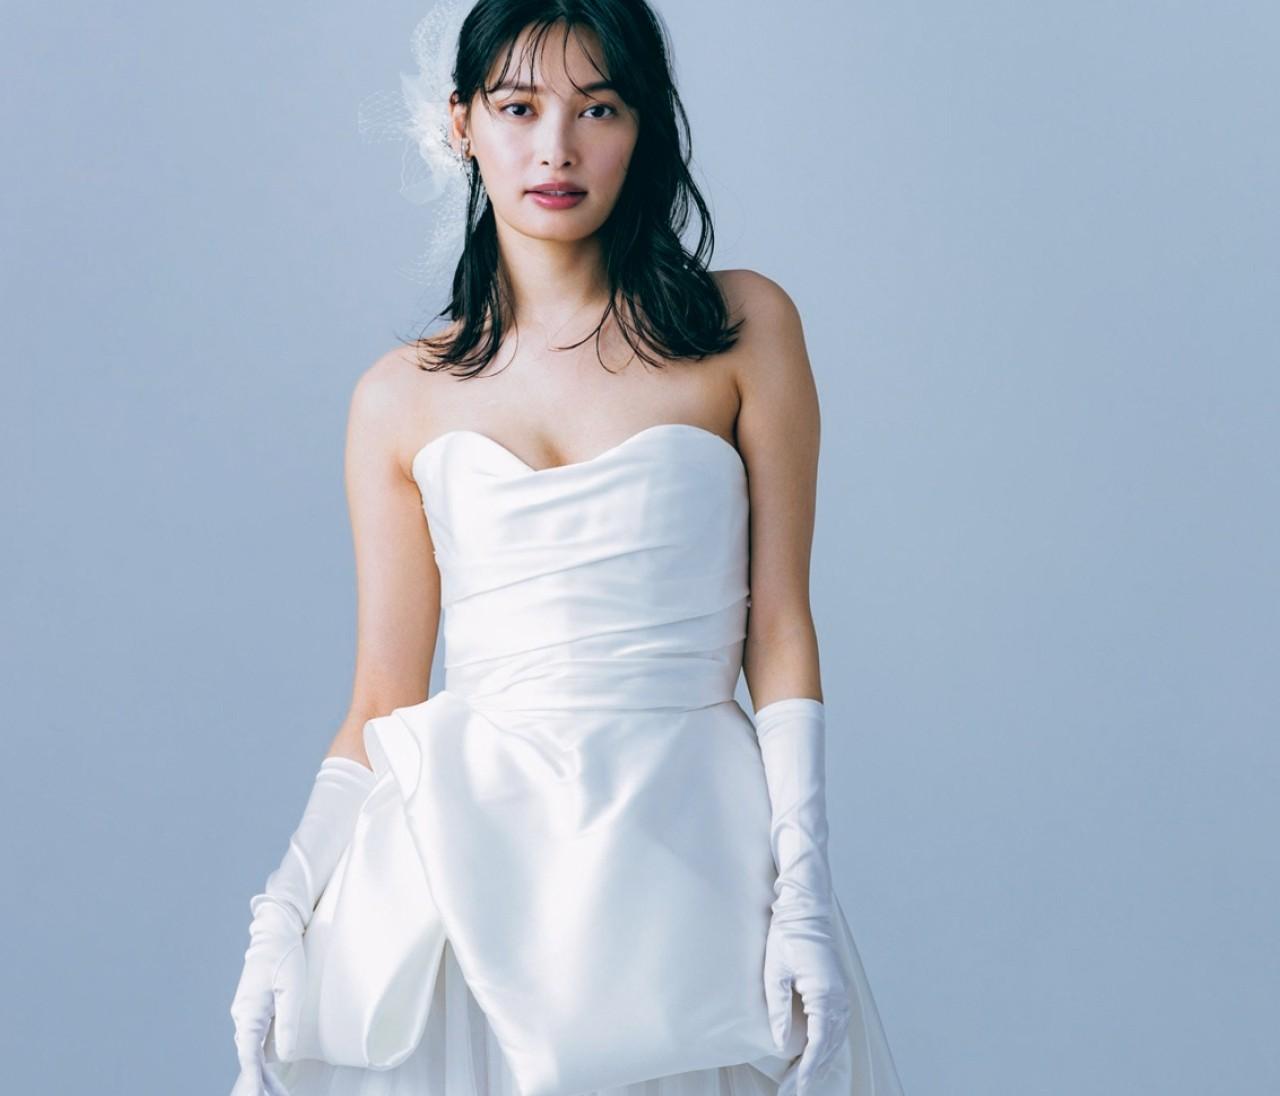 360度フォトジェニックなドレスにはシンプルアクセで優美に【withコロナ時代の写真映えドレス6】